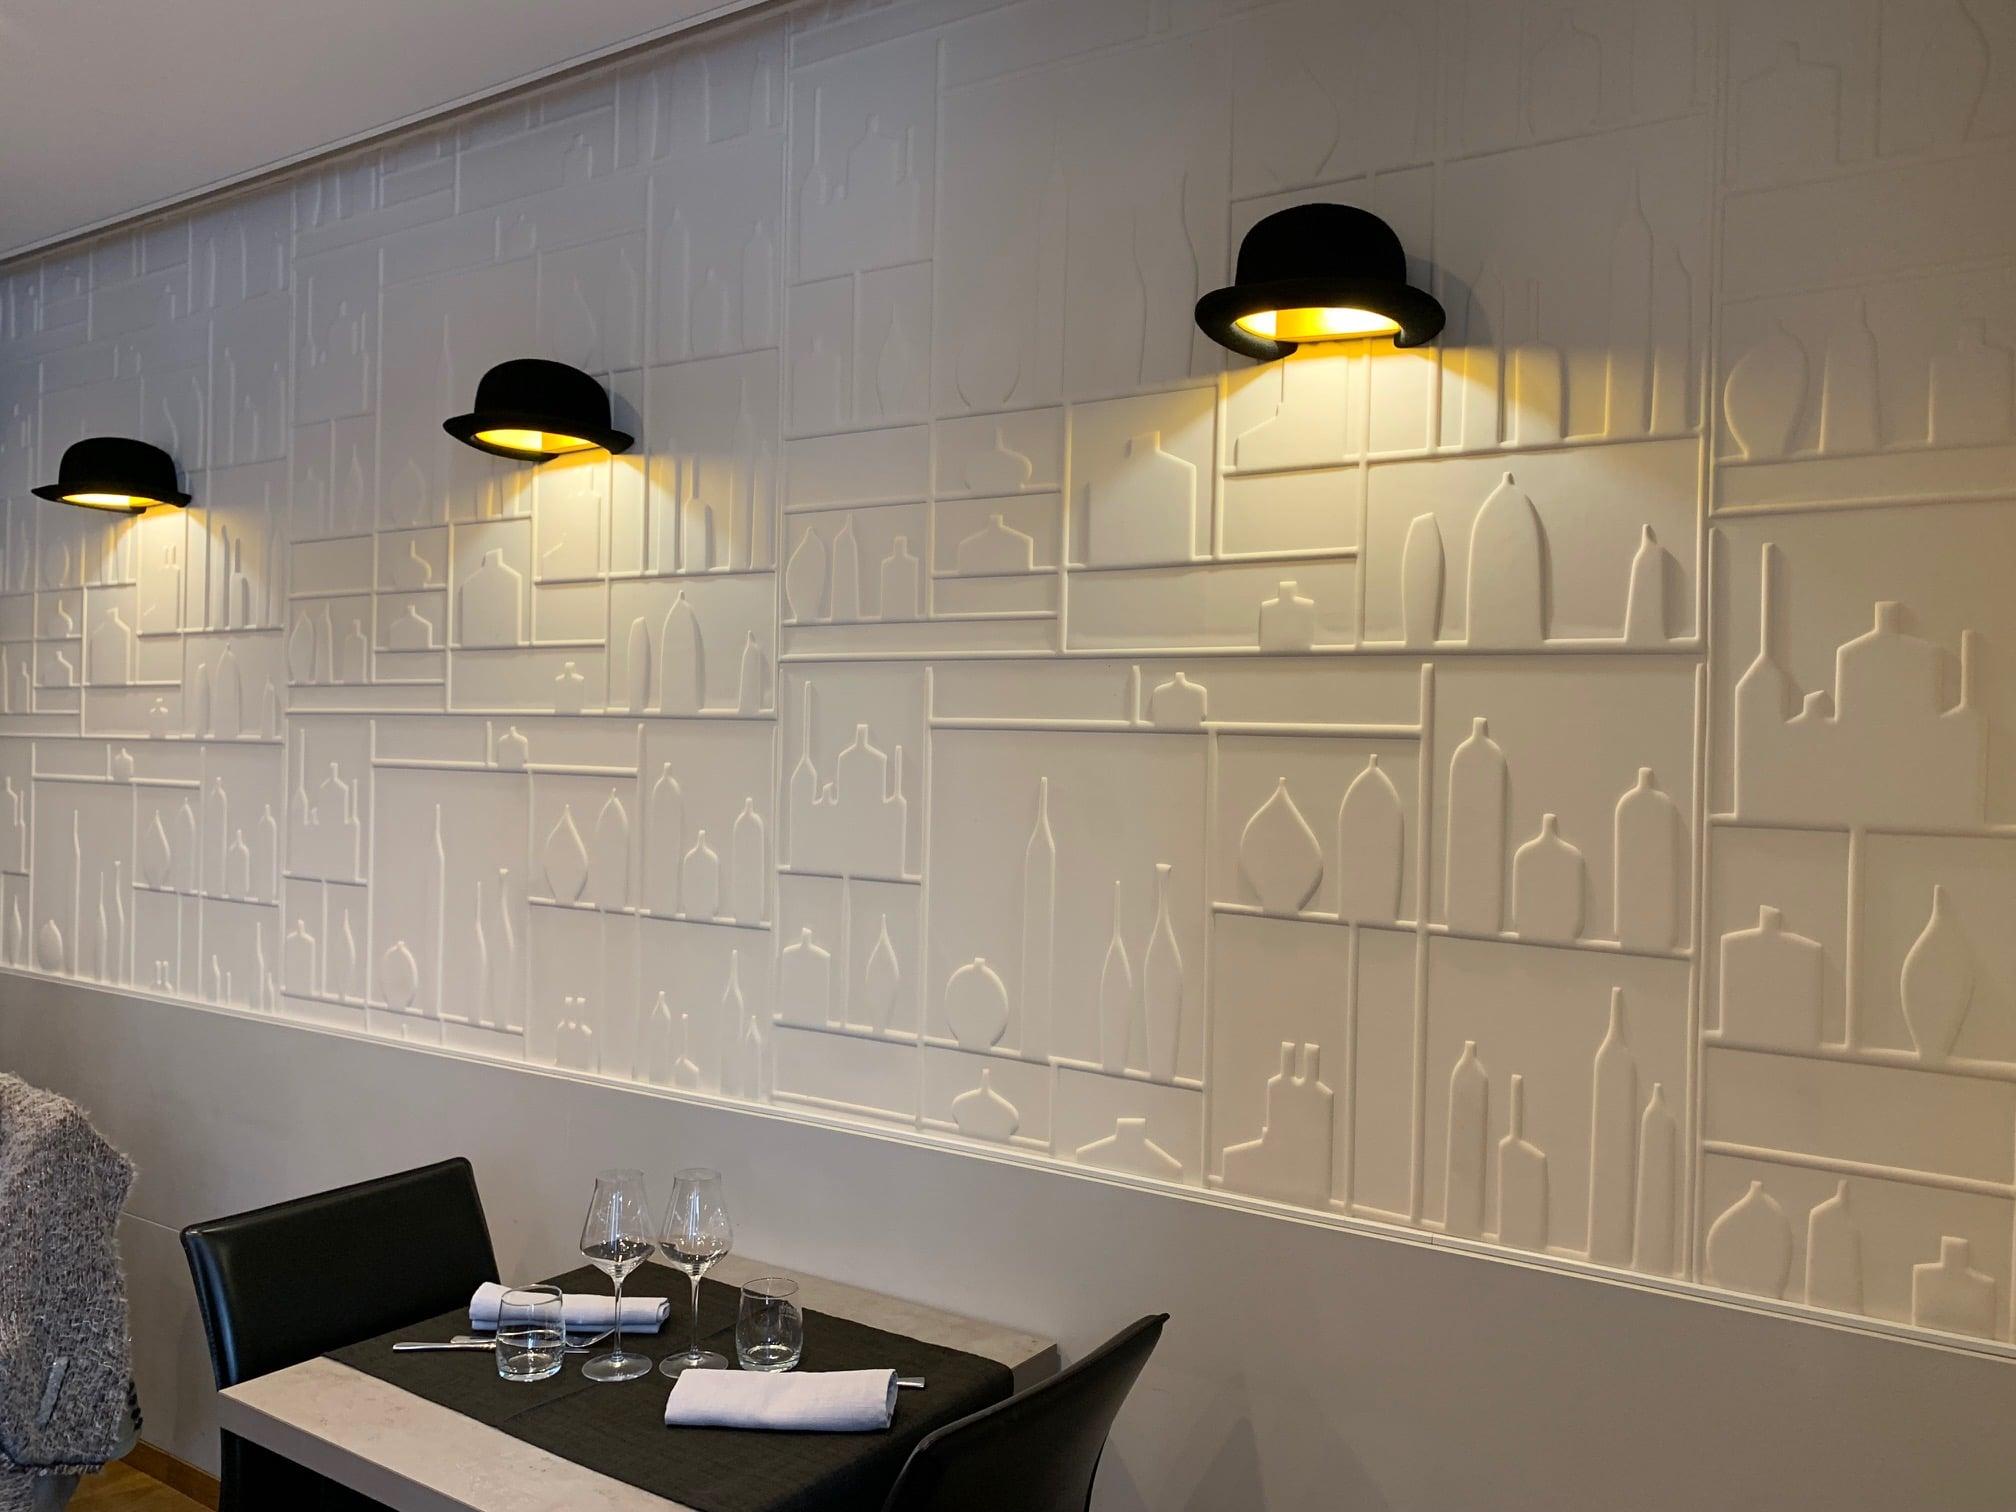 salle restaurant vide